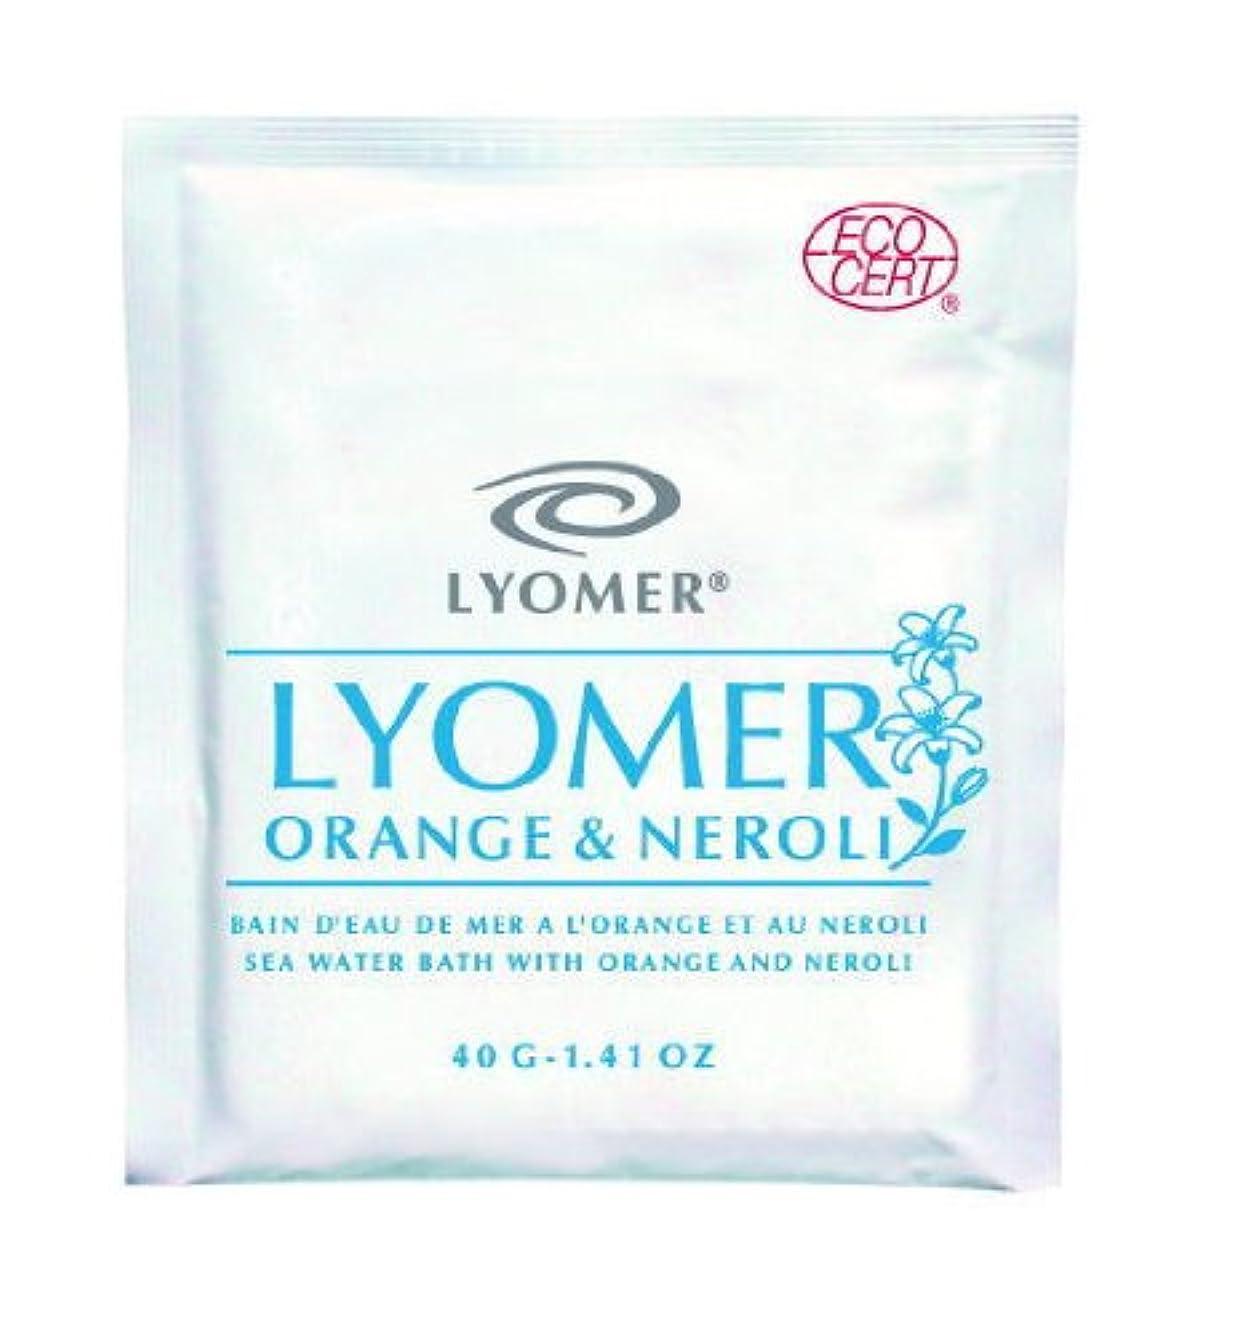 シャイ取り戻す型リヨメール オレンジ&ネロリ 40g